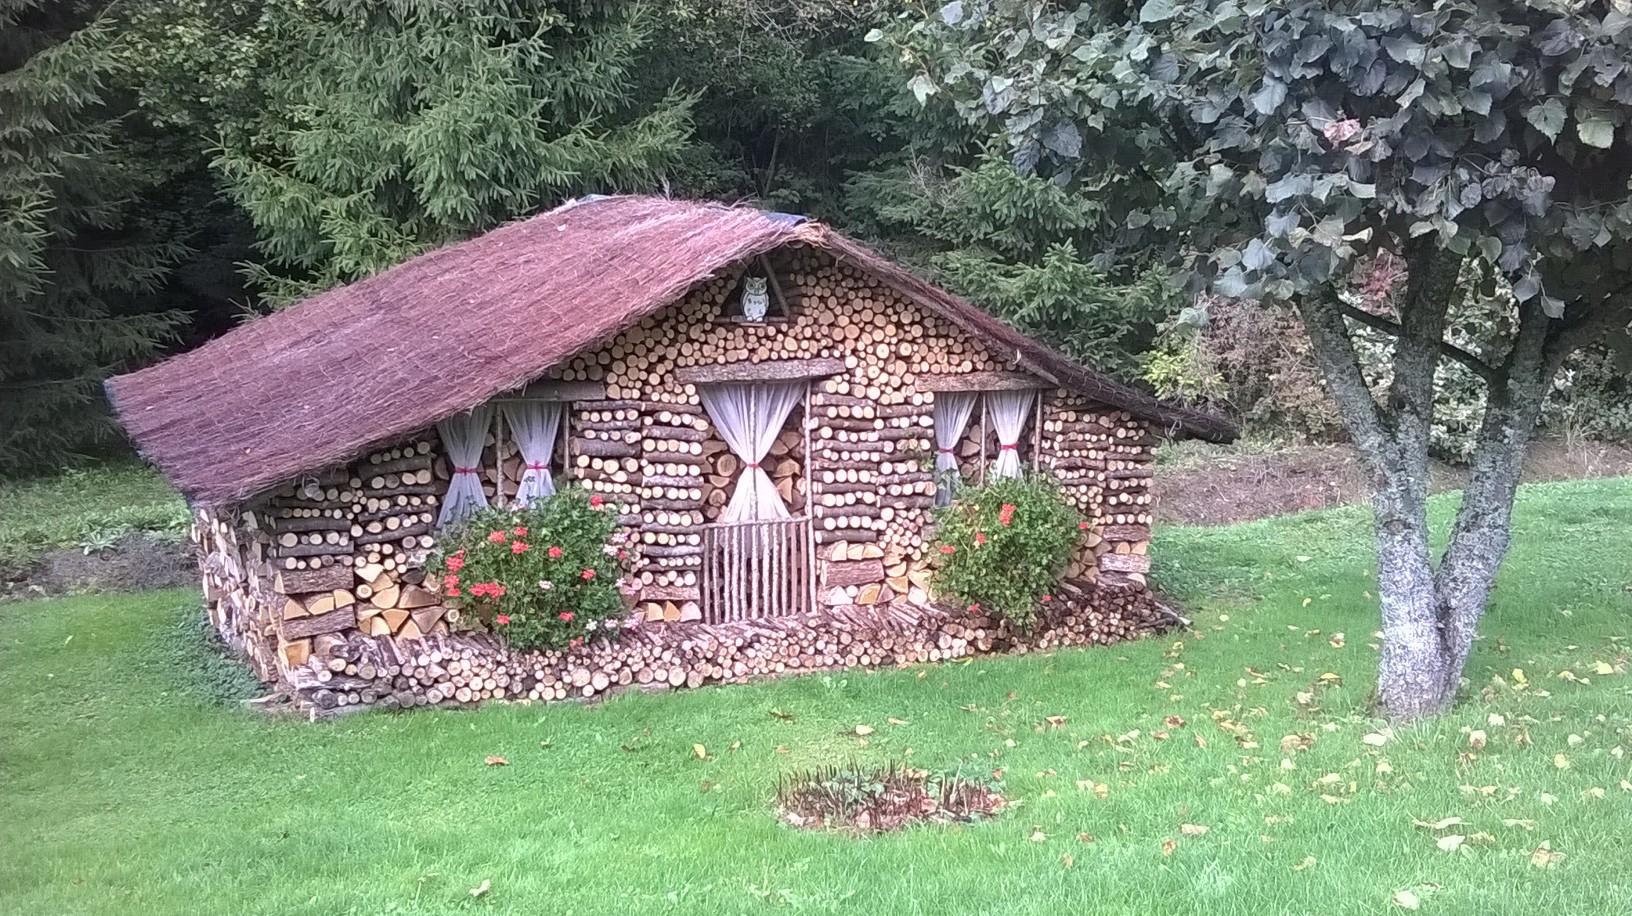 gc64ttm les petites maisons de bois en bois multi cache in franche comt france created. Black Bedroom Furniture Sets. Home Design Ideas